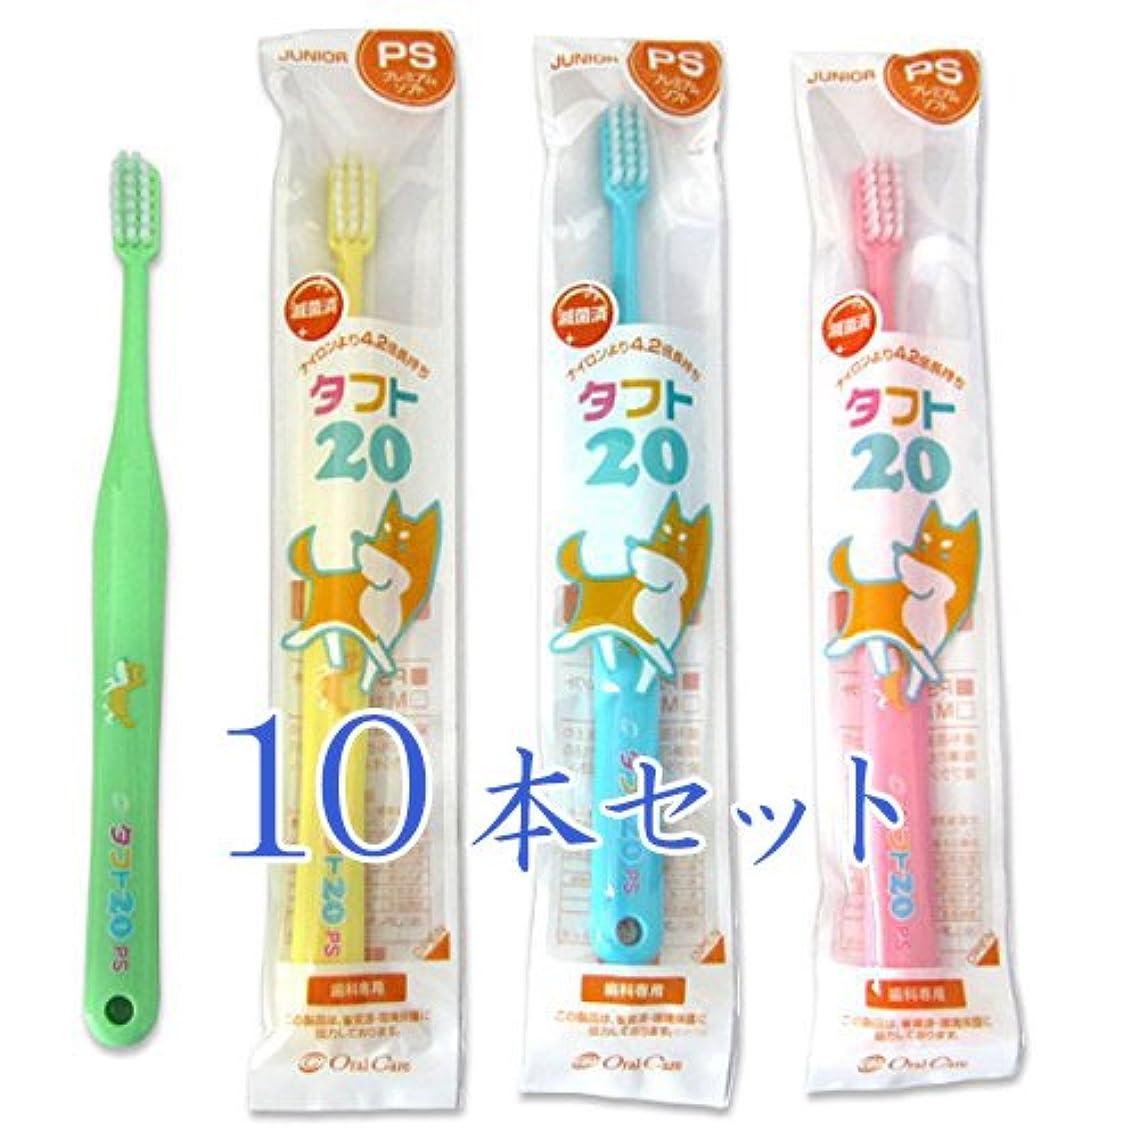 悲劇的なかすれた煙タフト20 PS プレミアムソフト 歯ブラシ混合歯列期用(6~12歳)×10本セット